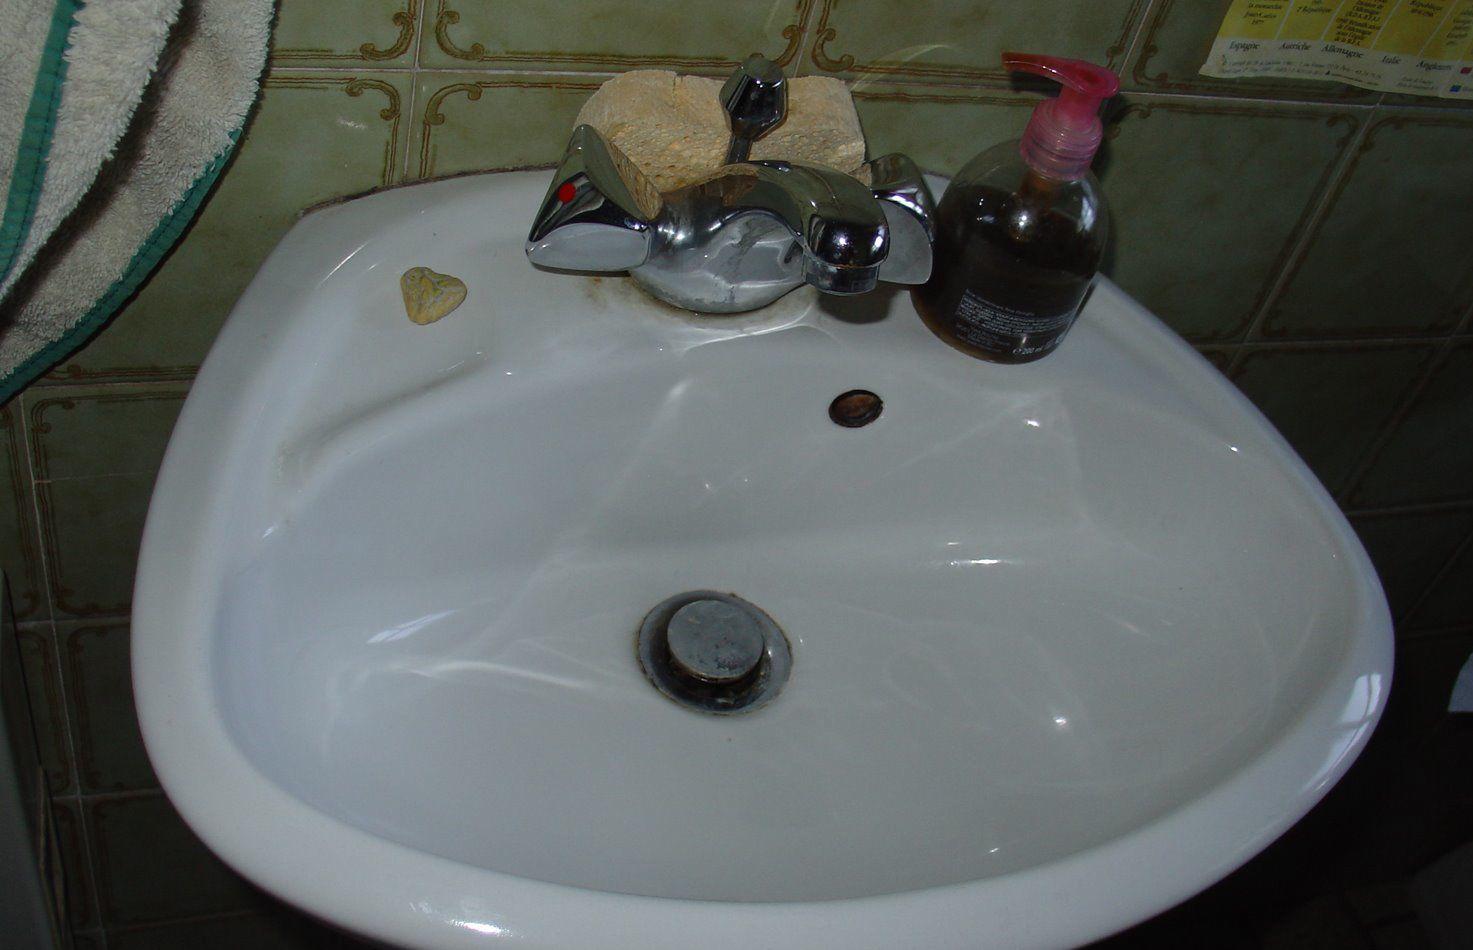 comment utiliser une microfibre pour nettoyer son lavabo vallespir en r seau initiatives. Black Bedroom Furniture Sets. Home Design Ideas